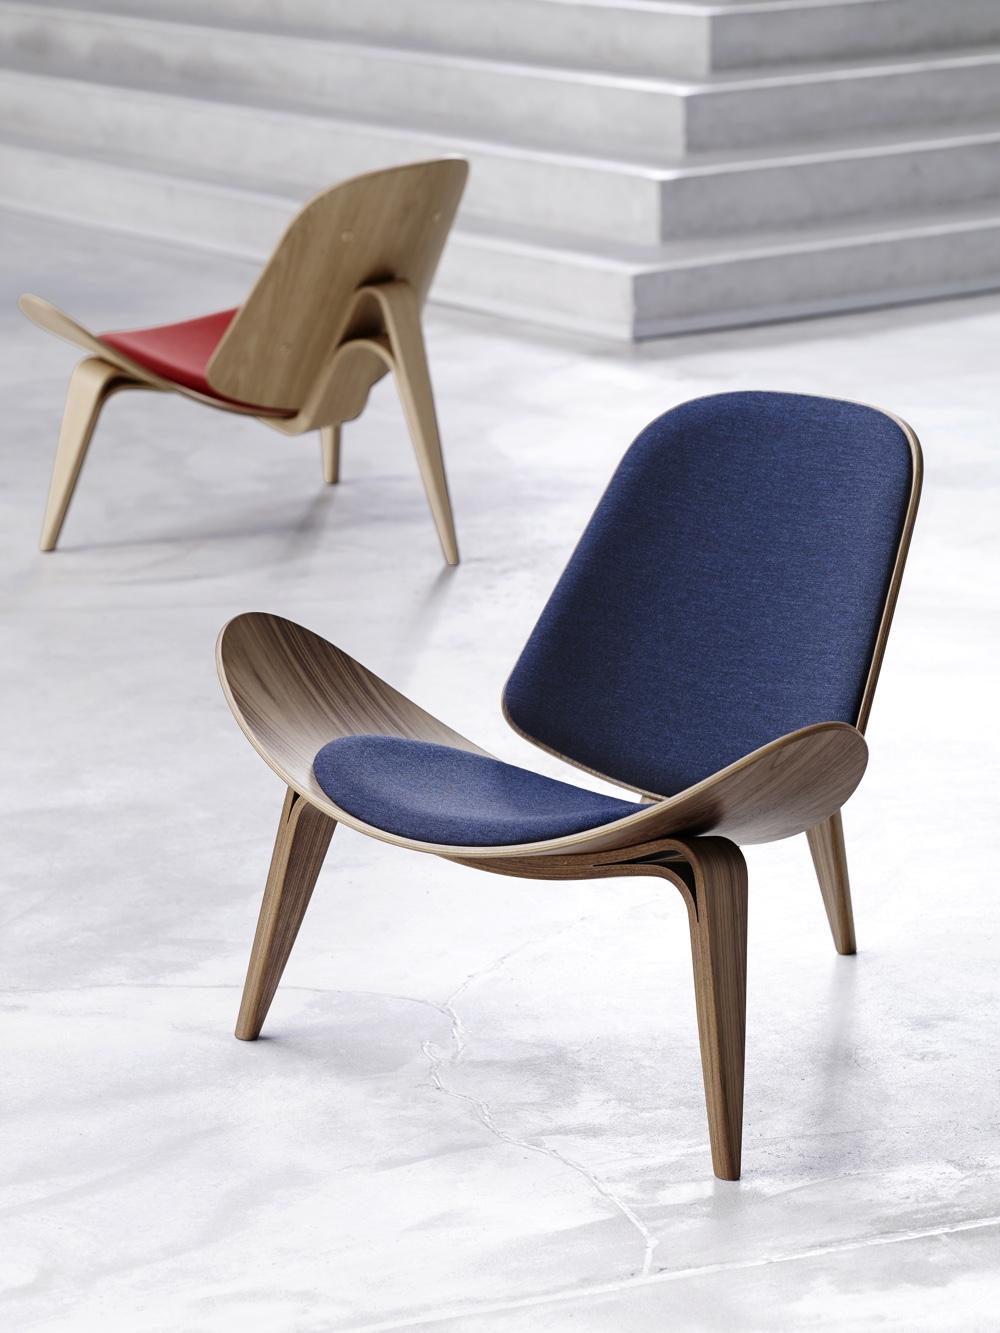 Дизайнерский стул в интерьере необычной конструкции